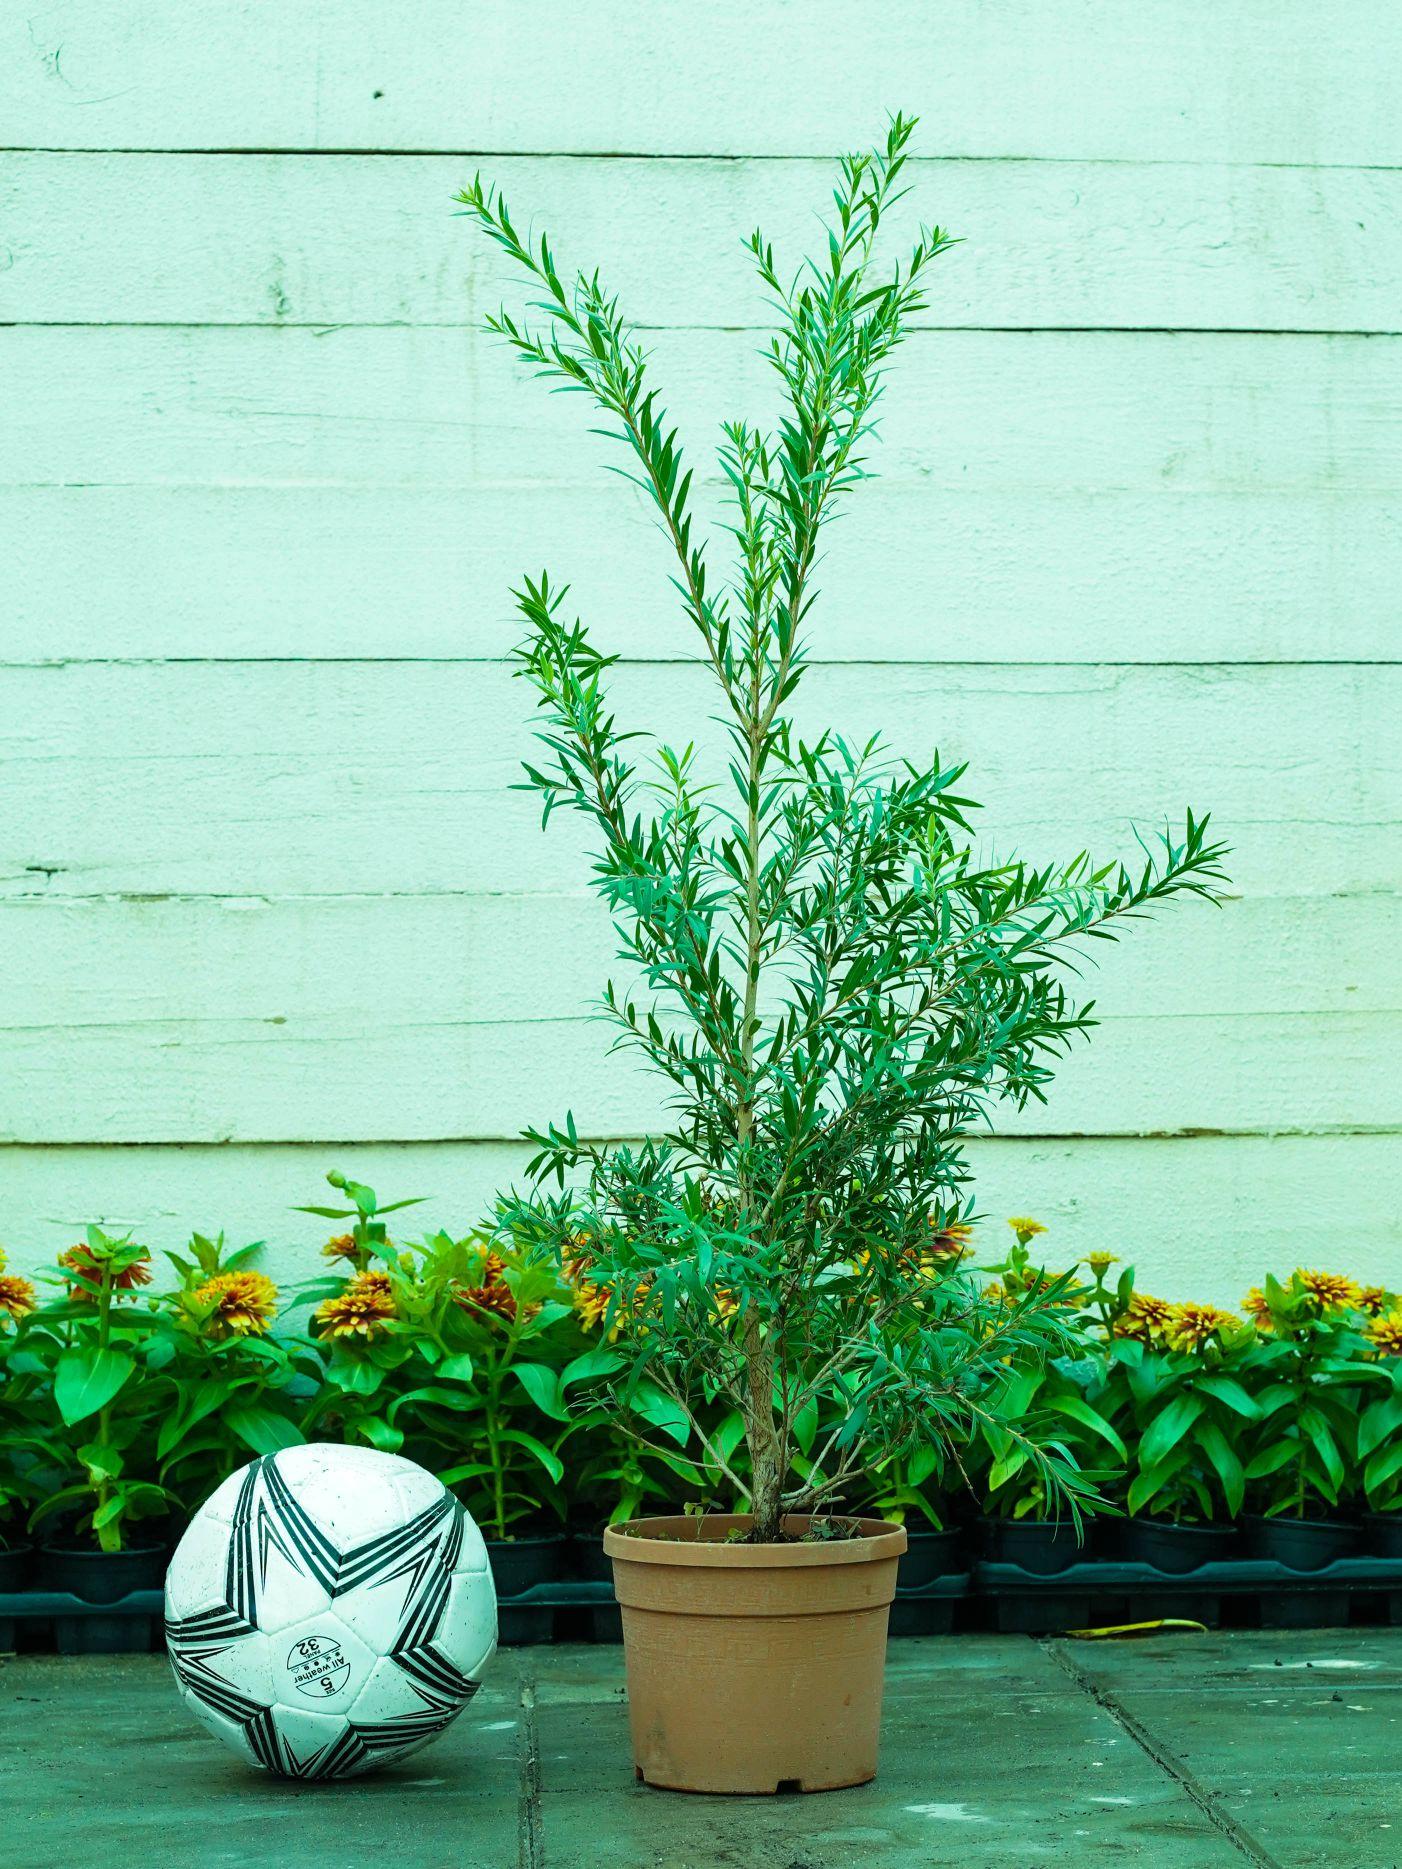 فرشه الزجاج نباتات خارجية شجيرات